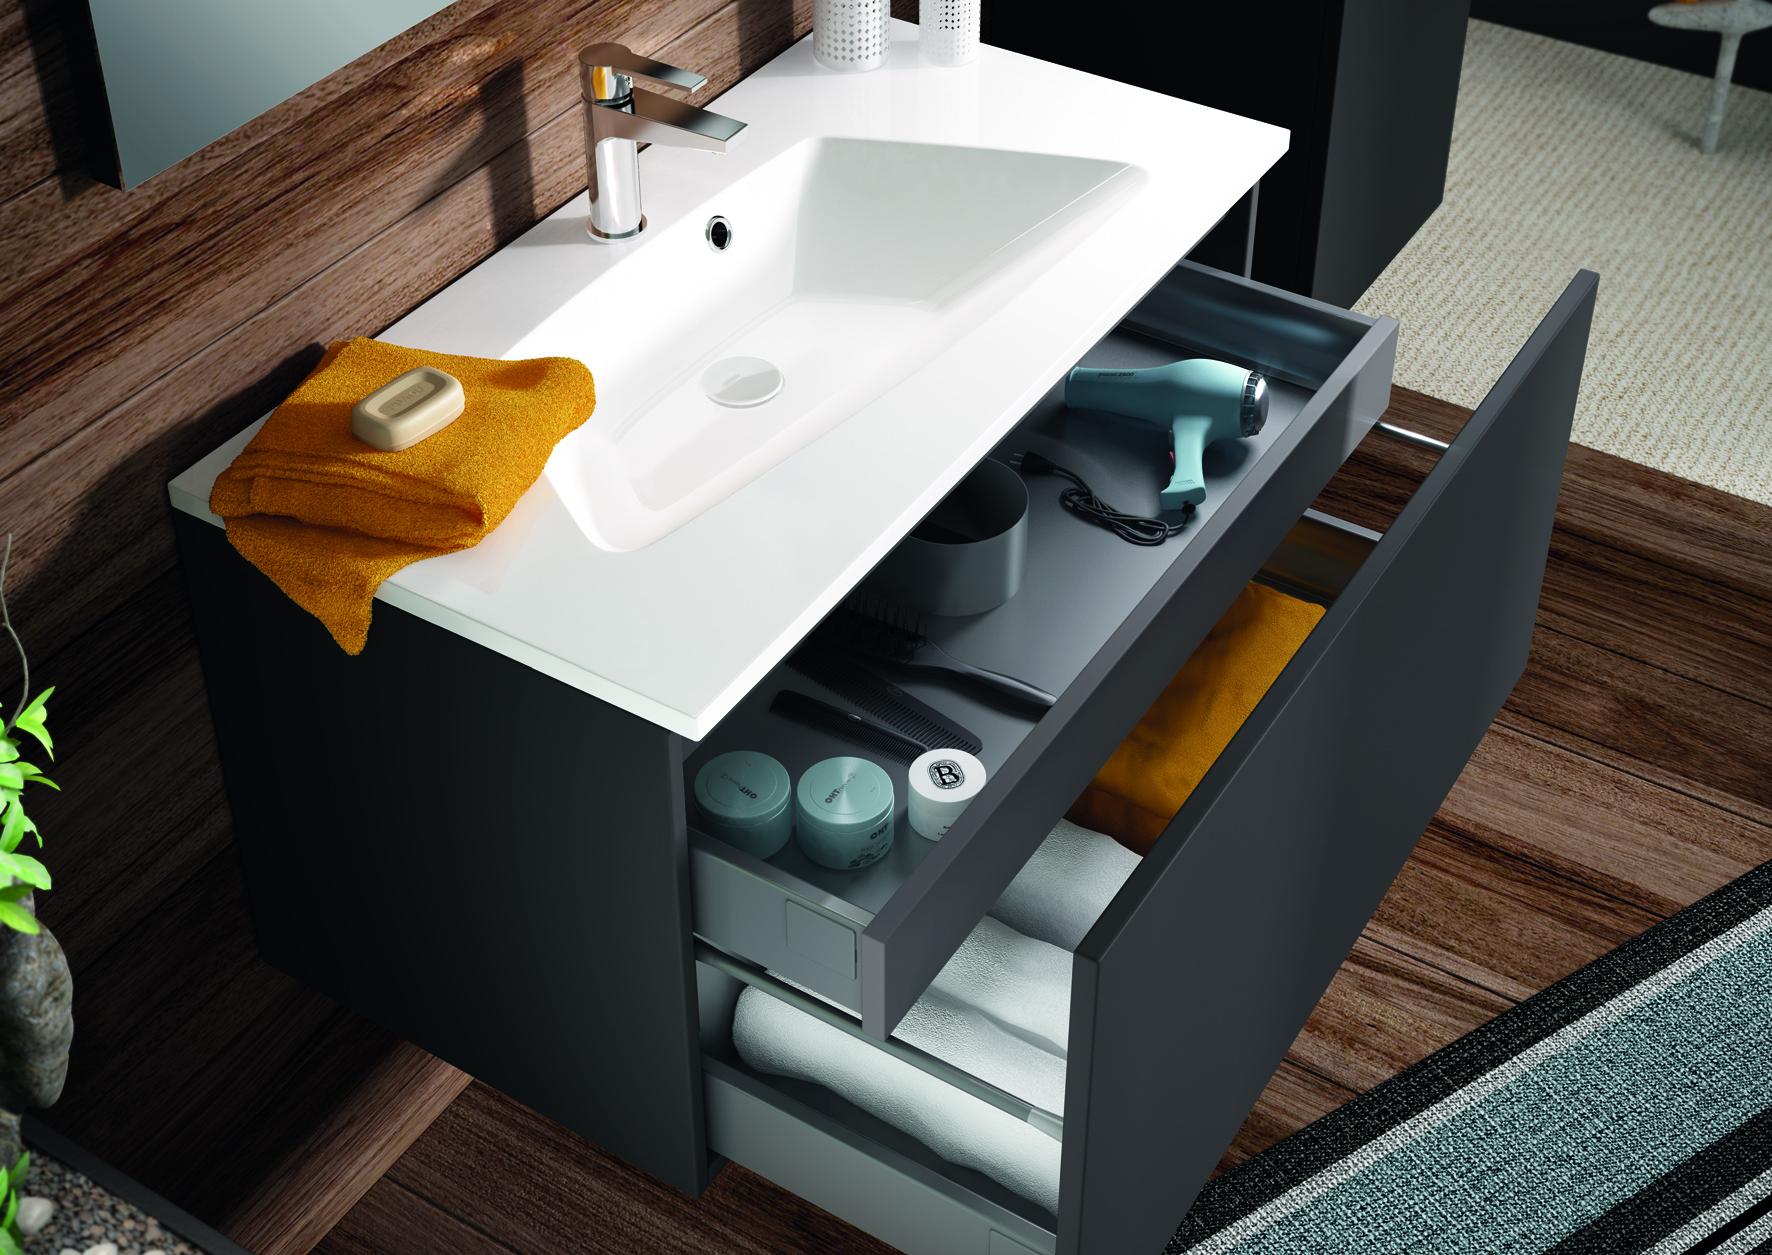 meubles et accessoires pour les professionnels de la salle de bain et de la cuisine produits. Black Bedroom Furniture Sets. Home Design Ideas